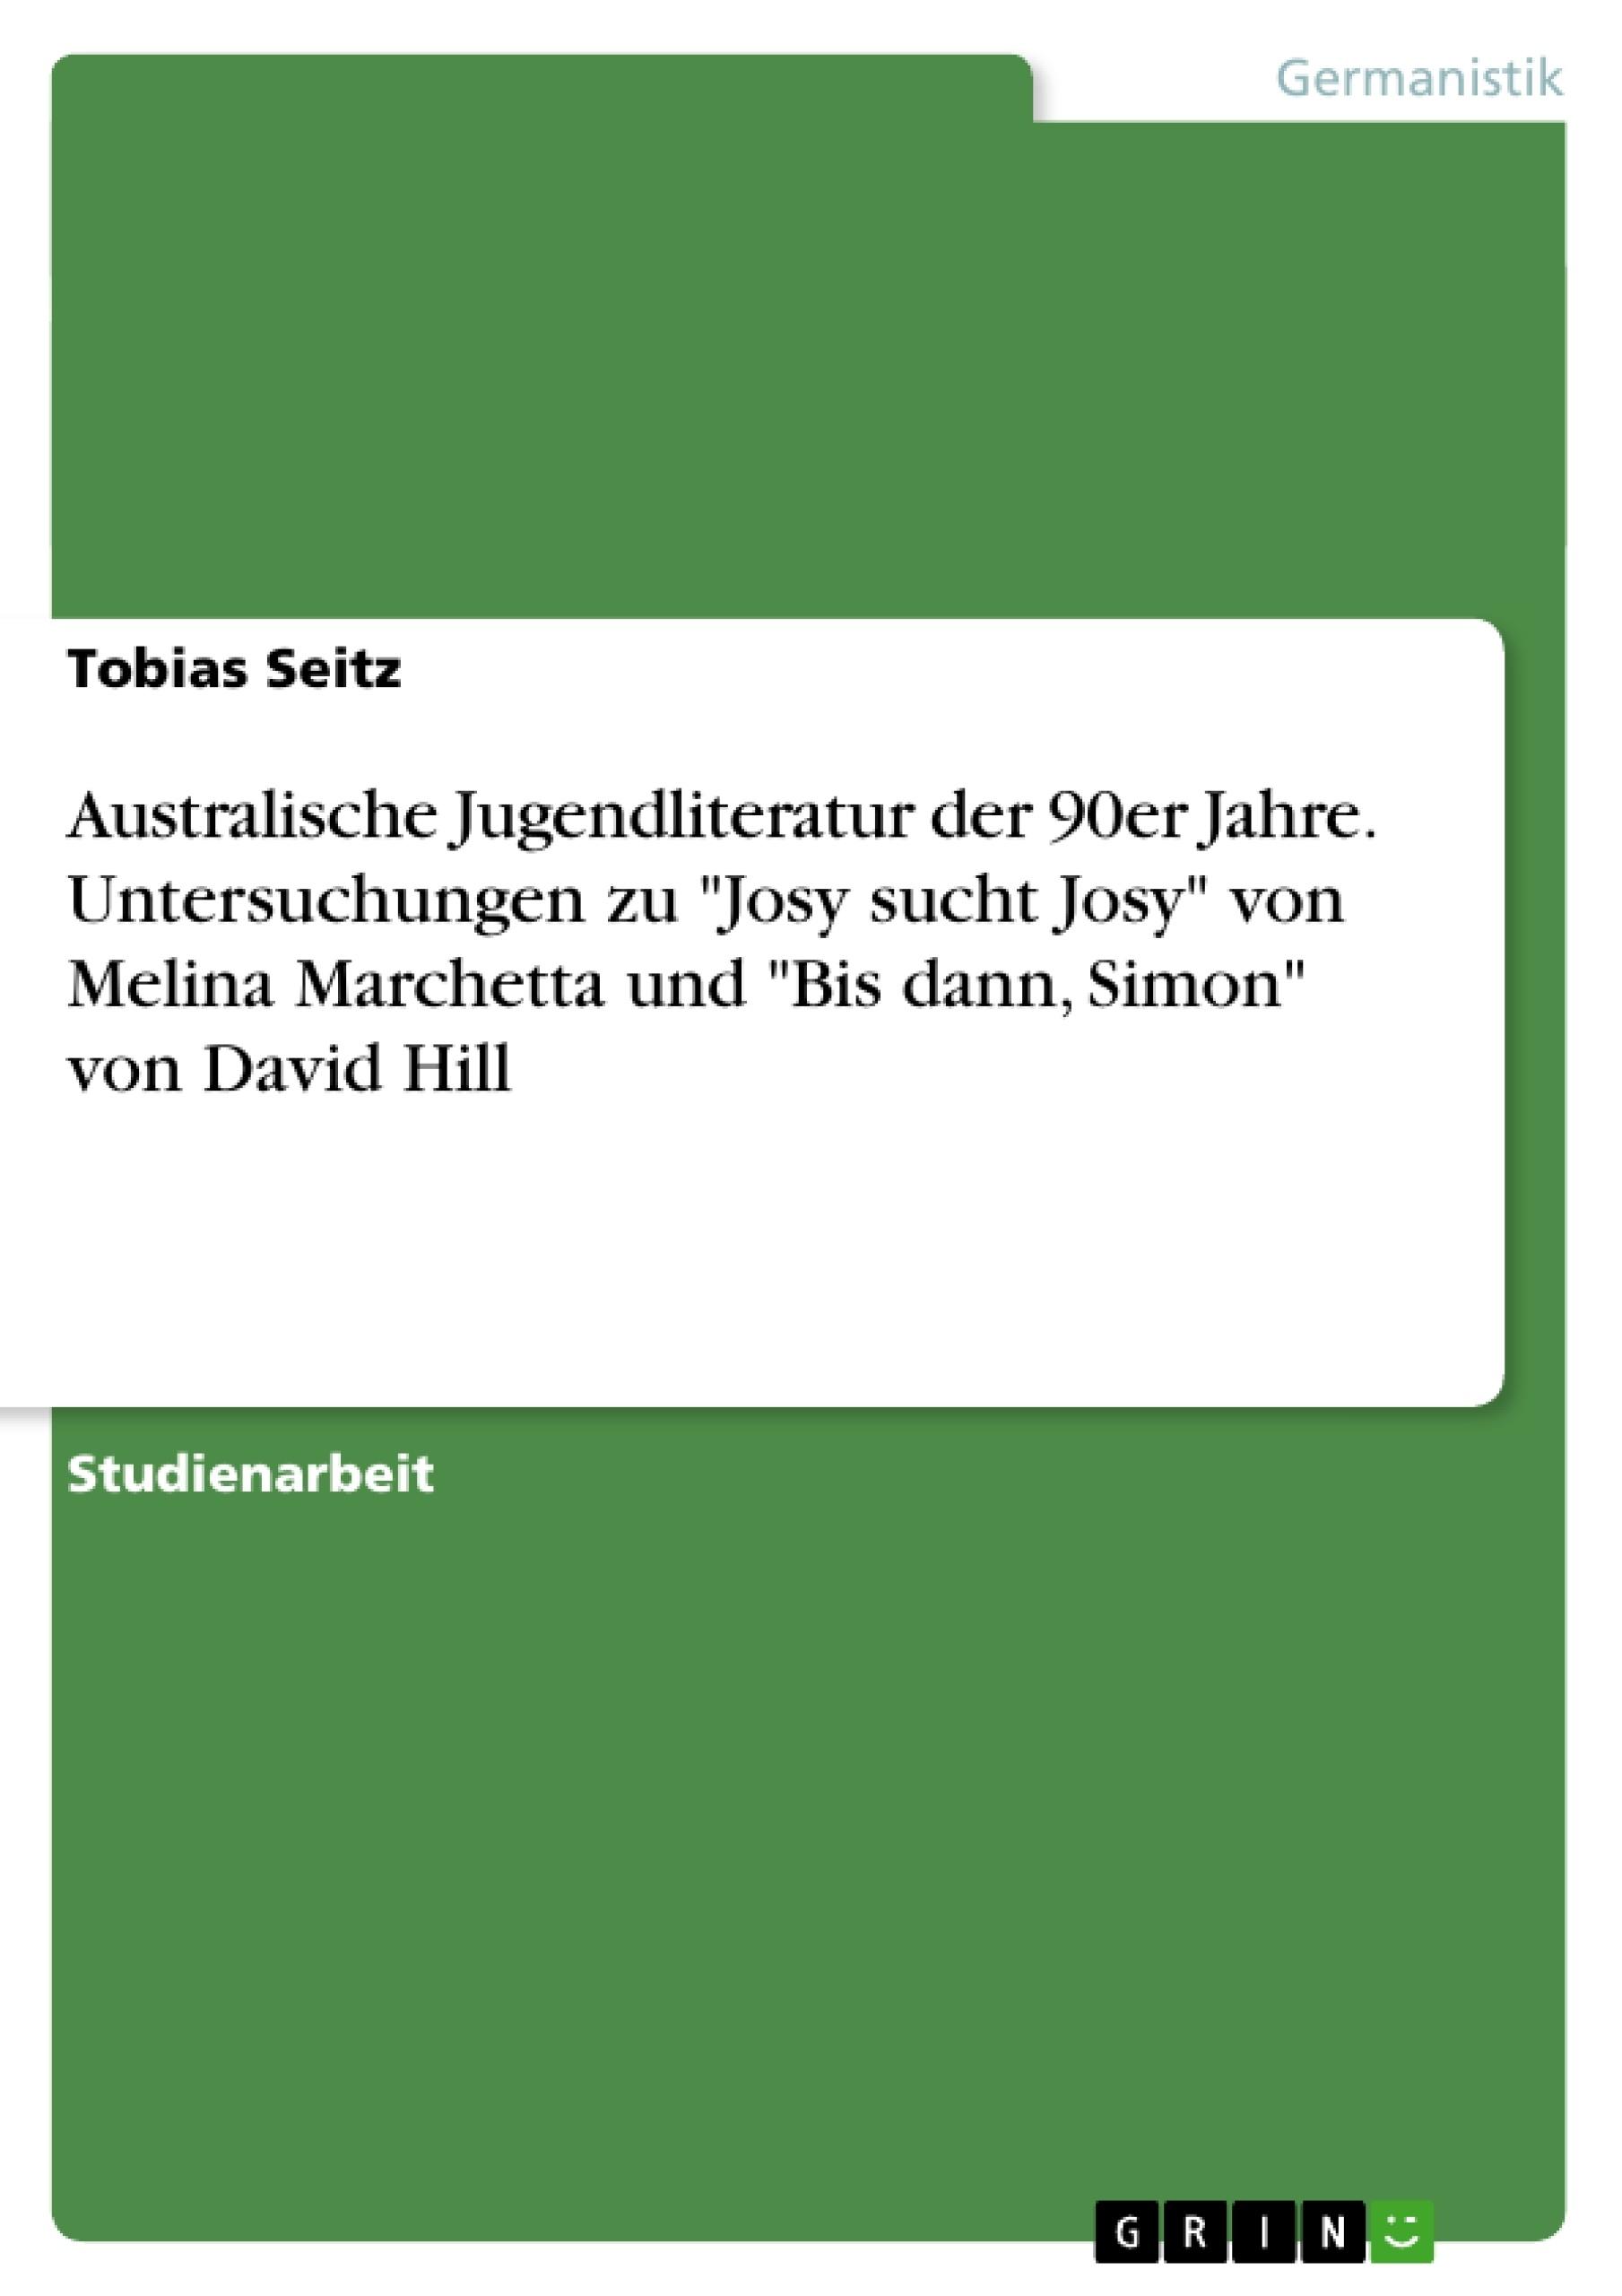 """Titel: Australische Jugendliteratur der 90er Jahre. Untersuchungen zu """"Josy sucht Josy"""" von Melina Marchetta und """"Bis dann, Simon"""" von David Hill"""